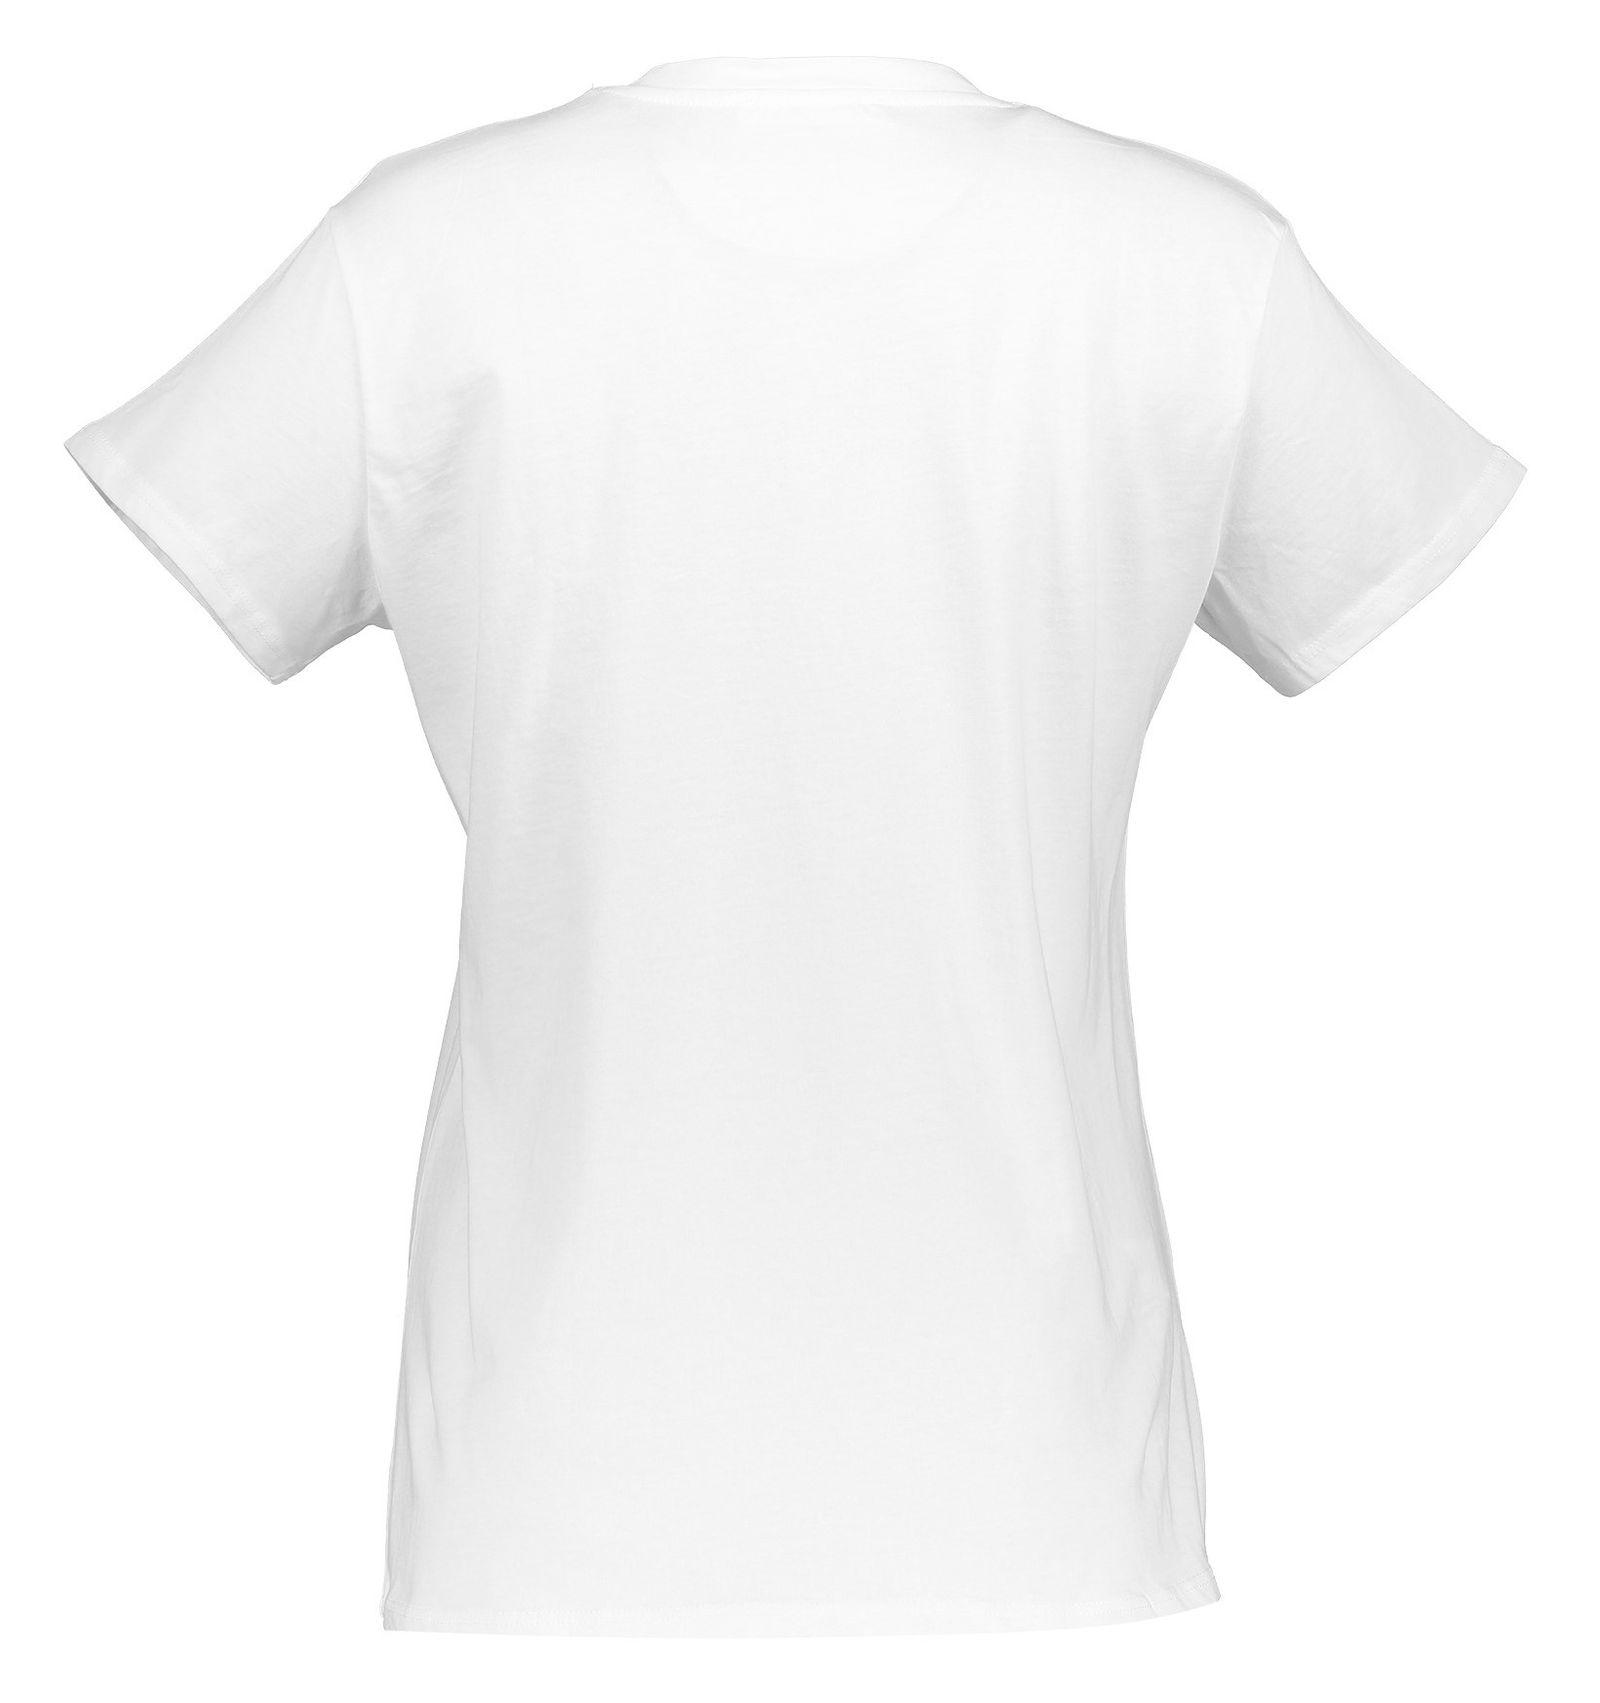 تی شرت نخی یقه گرد زنانه - مانگو - سفيد  - 2